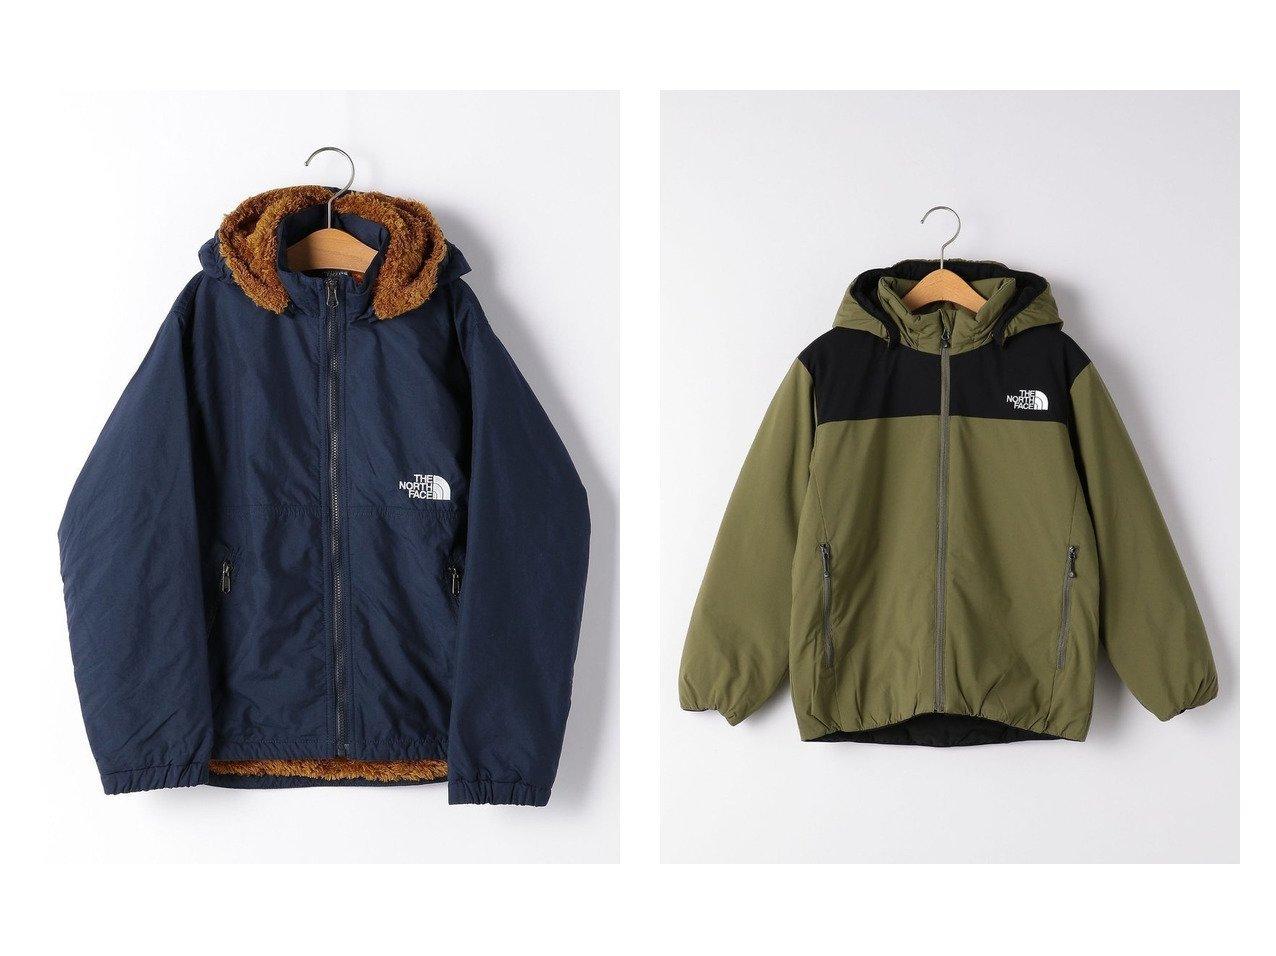 【green label relaxing / UNITED ARROWS / KIDS/グリーンレーベルリラクシング】のTHE NORTH FACE(ザノースフェイス) Gerund Insulation Jacket&【ジュニア】THE NORTH FACE(ザノースフェイス) Compact NomadJK 【KIDS】子供服のおすすめ!人気、キッズファッションの通販 おすすめで人気のファッション通販商品 インテリア・家具・キッズファッション・メンズファッション・レディースファッション・服の通販 founy(ファニー) https://founy.com/ ファッション Fashion キッズ KIDS アウトドア カリフォルニア ジャケット ブルゾン 防寒 定番  ID:crp329100000003765